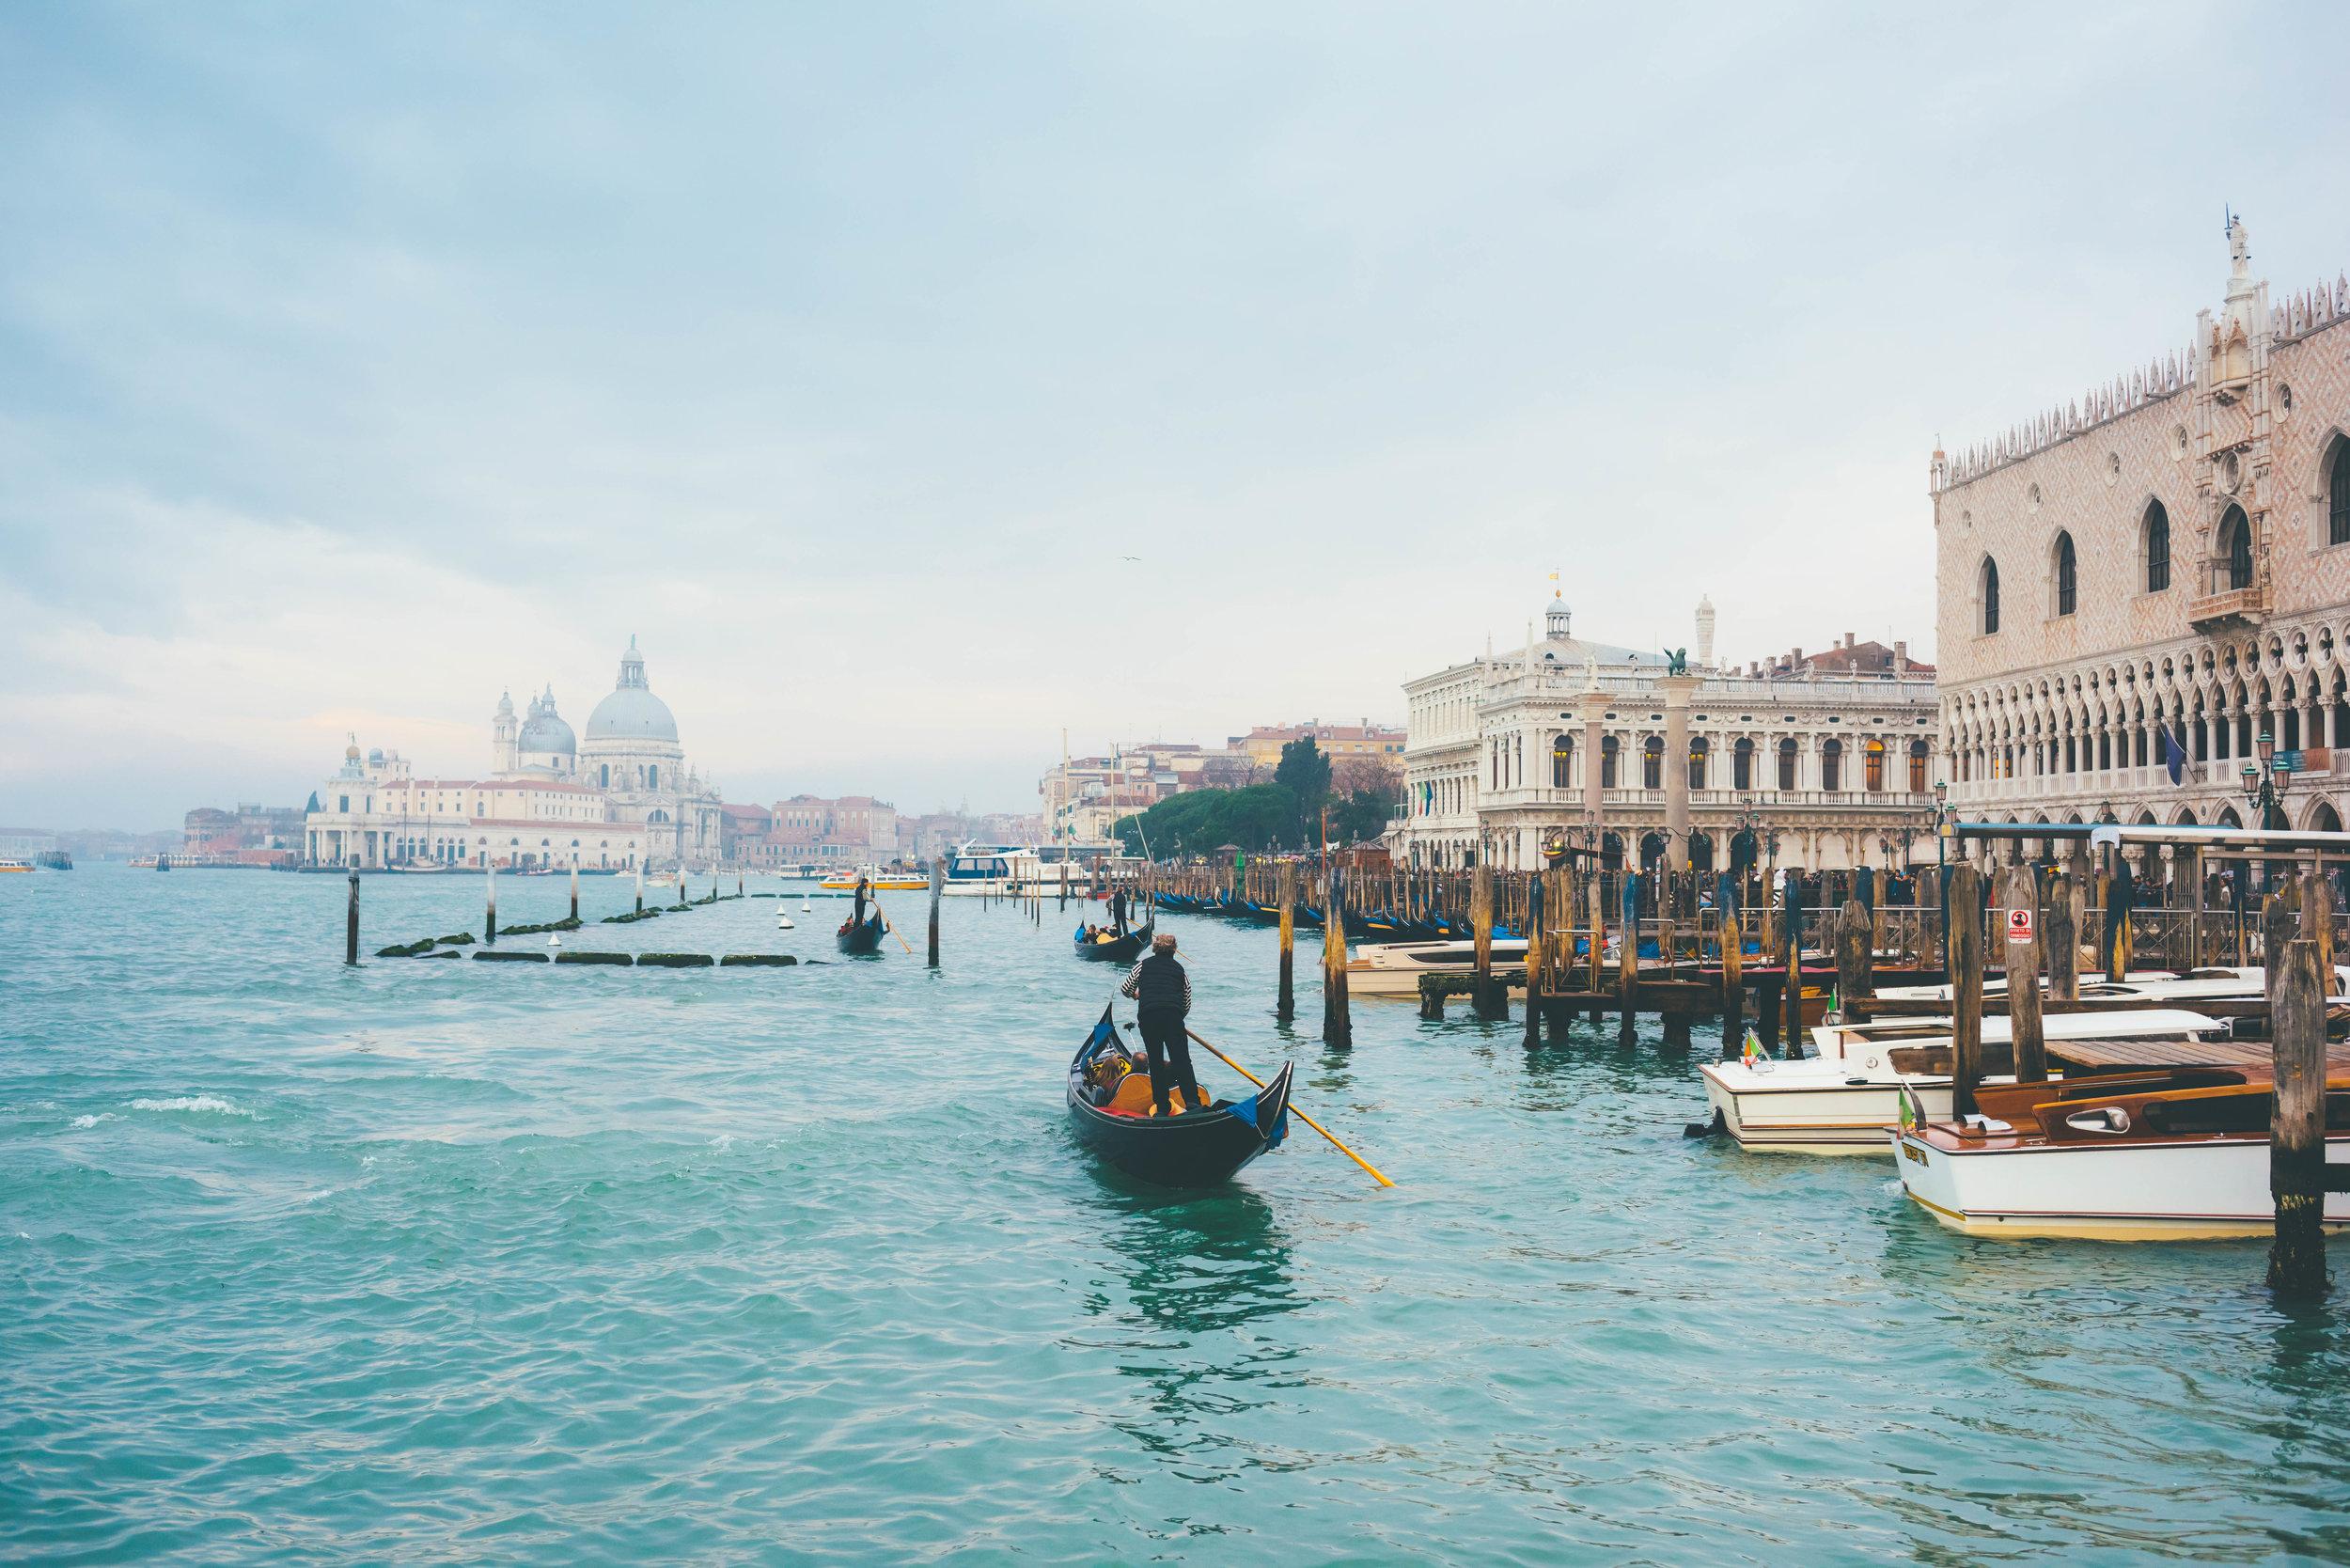 10_09-02-16 carnevale venezia-1413.jpg